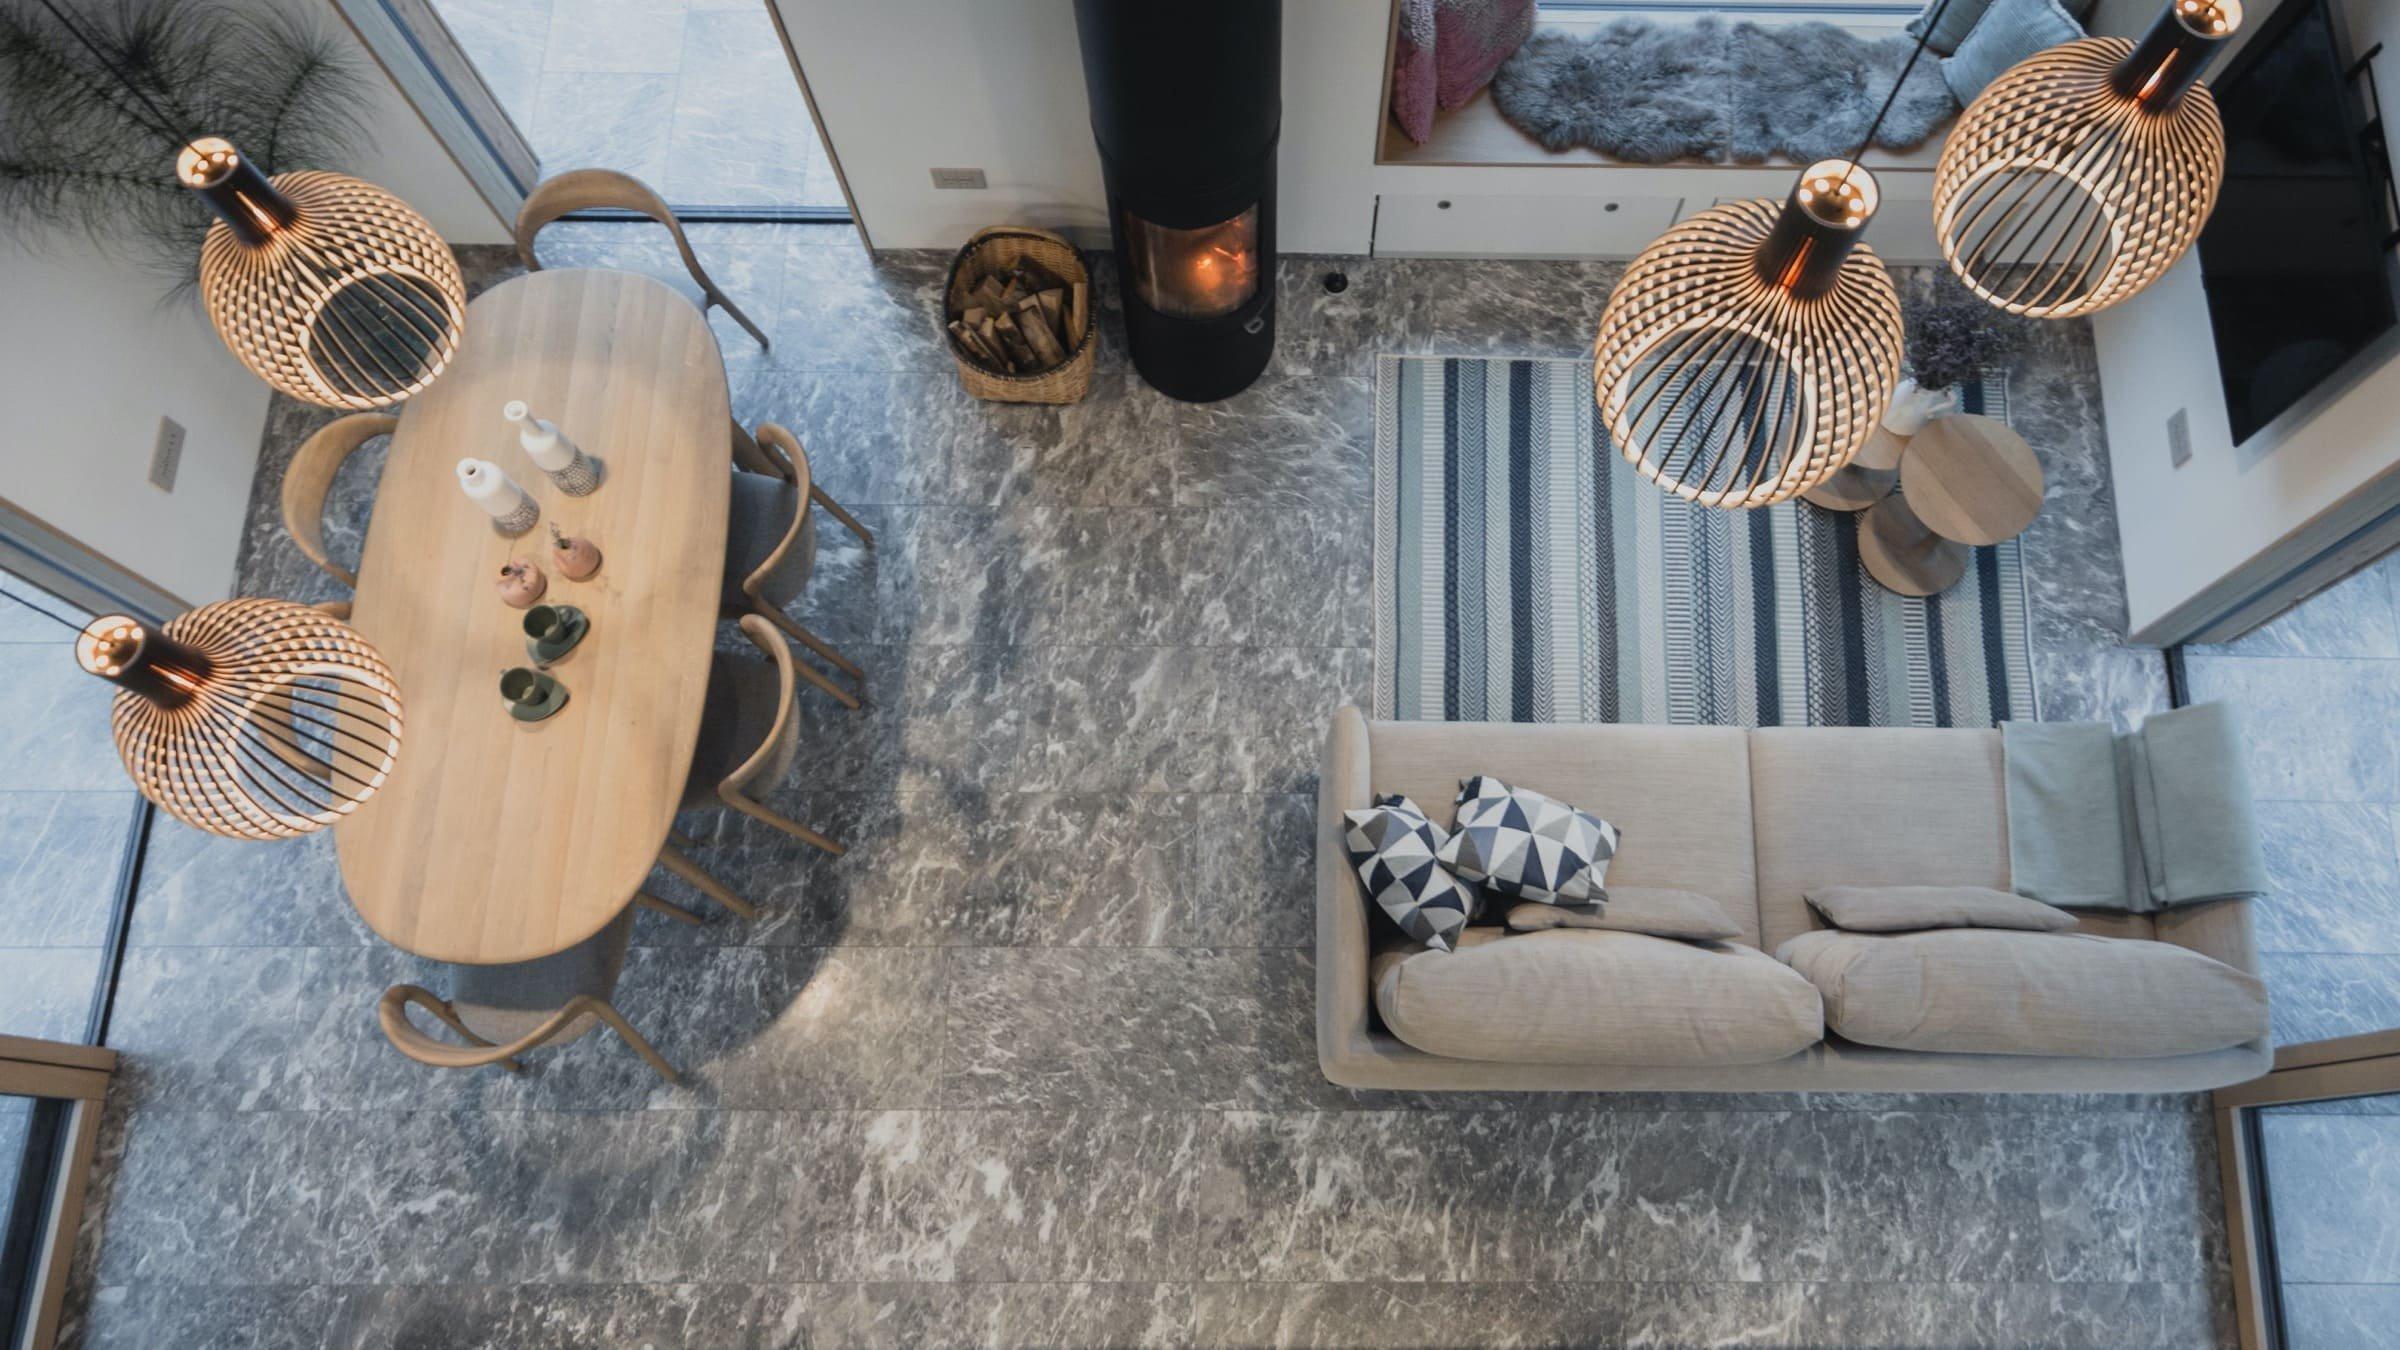 Malá, dřevěná, nepopsatelně půvabná – taková je chalupa v obci Kuželj v údolí Kolpa. Jde o novou dřevěnou chalupu s moderním nádechem, která byla postavena s ohledem na místní kulturní a architektonické dědictví. Navíc se podařilo navržený interiér dokonale propojit s okolní přírodou.